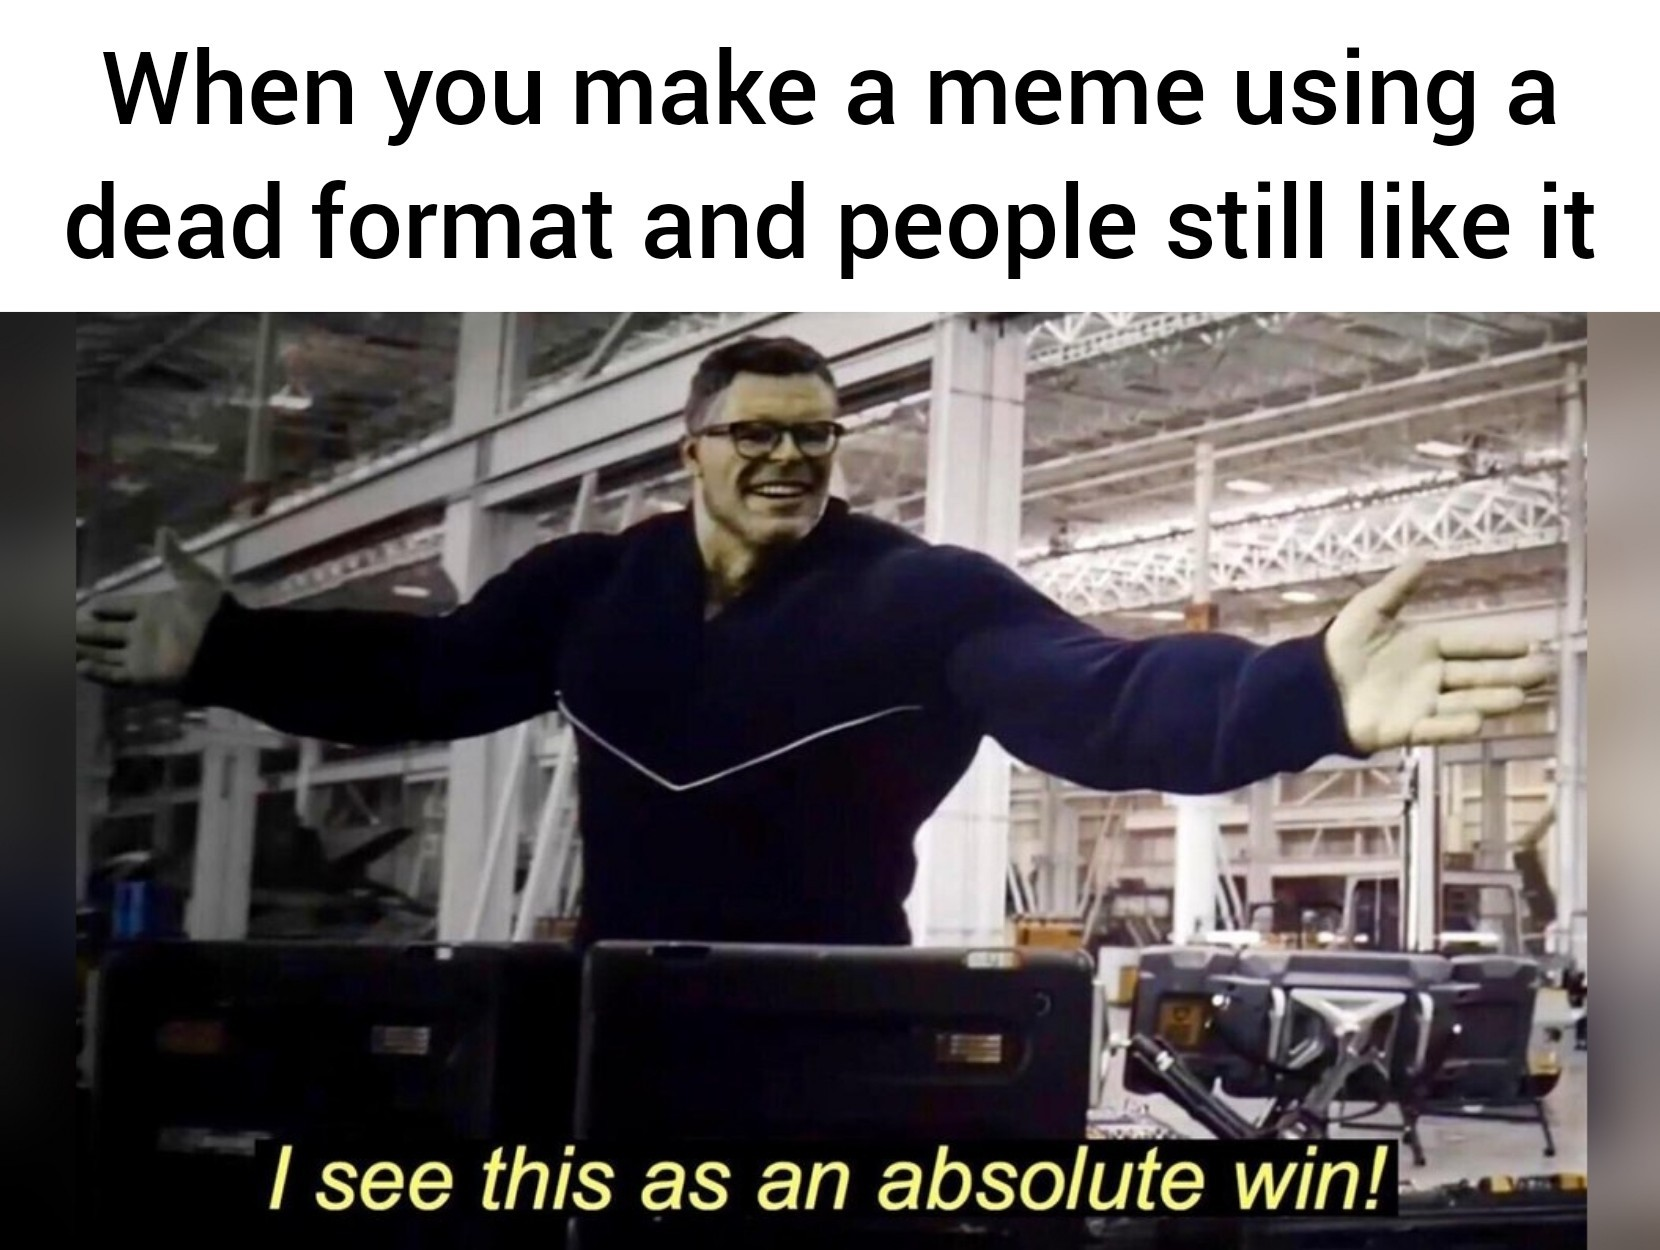 It's so satisfying. - meme